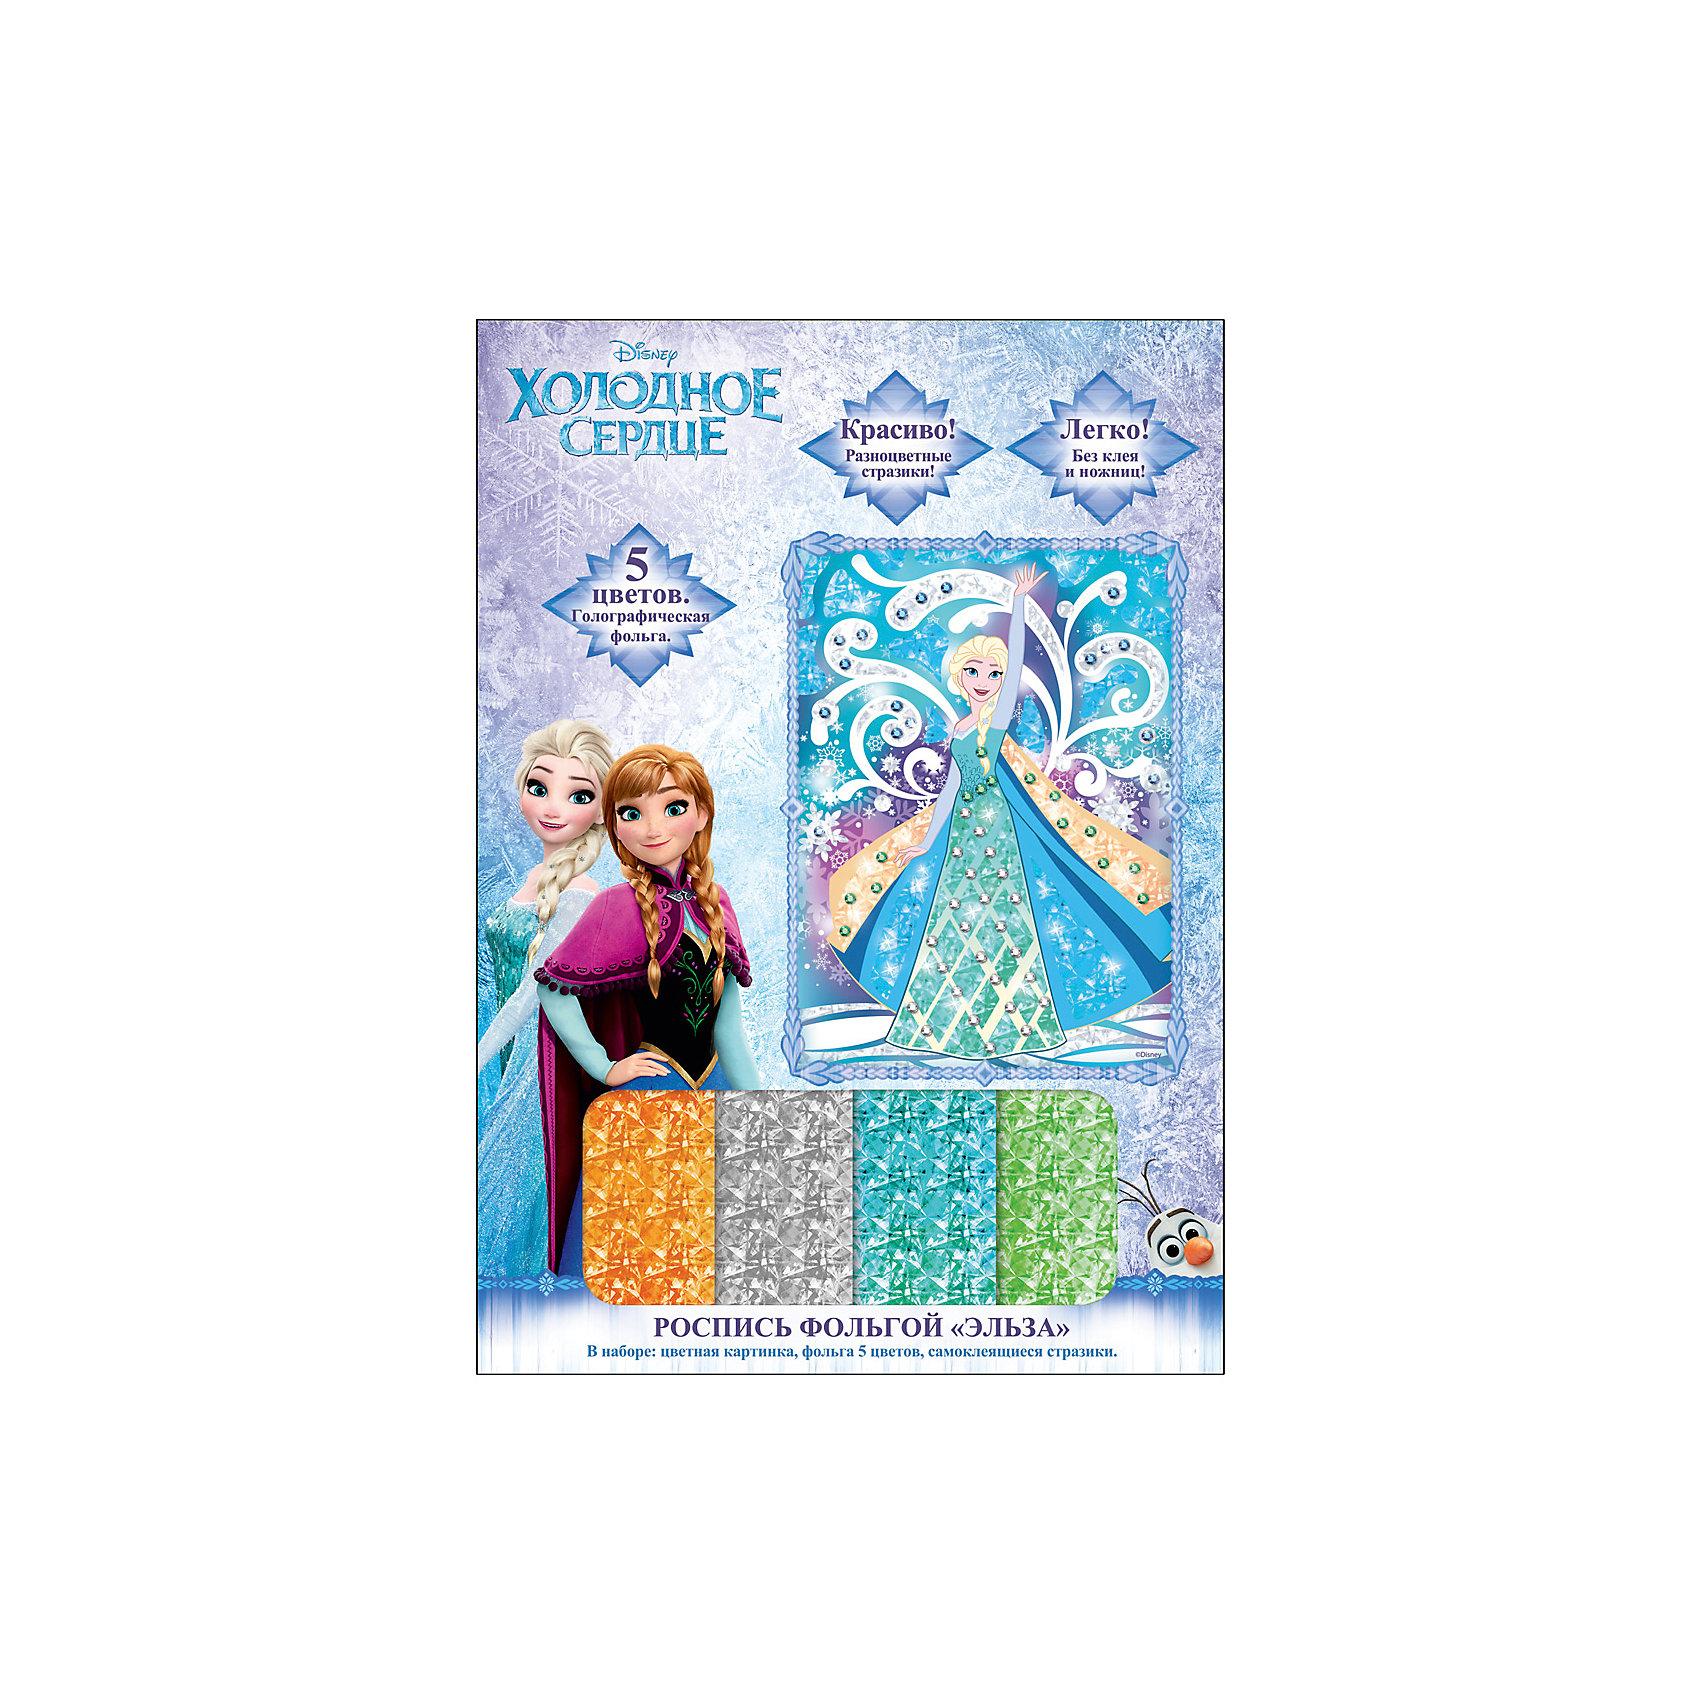 Роспись фольгой Эльза Принцессы DisneyПредлагаем вам набор для росписи цветной фольгой Эльза, для работы с которым вам не понадобятся ни ножницы, ни клей. Перед началом росписи рассмотрите картинку: элементы для раскрашивания обозначены белым цветом. Выберите деталь (начинайте с крупных фрагментов), снимите с нее защитный слой и приложите цветную фольгу оборотной стороной к клеевому слою картинки, хорошо потрите ее палочкой или тыльной стороной карандаша, а затем снимите фольгу: блестящий слой с ее основы перейдет на бумагу. Раскрасьте так всю картинку разными цветами и украсьте ее блестящими стразами. Очаровательная поделка готова! Благодаря такой работе, ребенок узнает о свойствах голографической фольги и будет развивать мелкую моторику, цветовосприятие и творческое мышление.&#13;<br>В наборе для росписи фольгой Анна ТМ Disney Холодное сердце: цветная картонная картинка (25х18 см), 5 цветов голографической фольги, самоклеящиеся стразы. Товар сертифицирован. Срок годности – 5 лет.<br><br>Ширина мм: 295<br>Глубина мм: 210<br>Высота мм: 20<br>Вес г: 70<br>Возраст от месяцев: 36<br>Возраст до месяцев: 2147483647<br>Пол: Унисекс<br>Возраст: Детский<br>SKU: 5453424